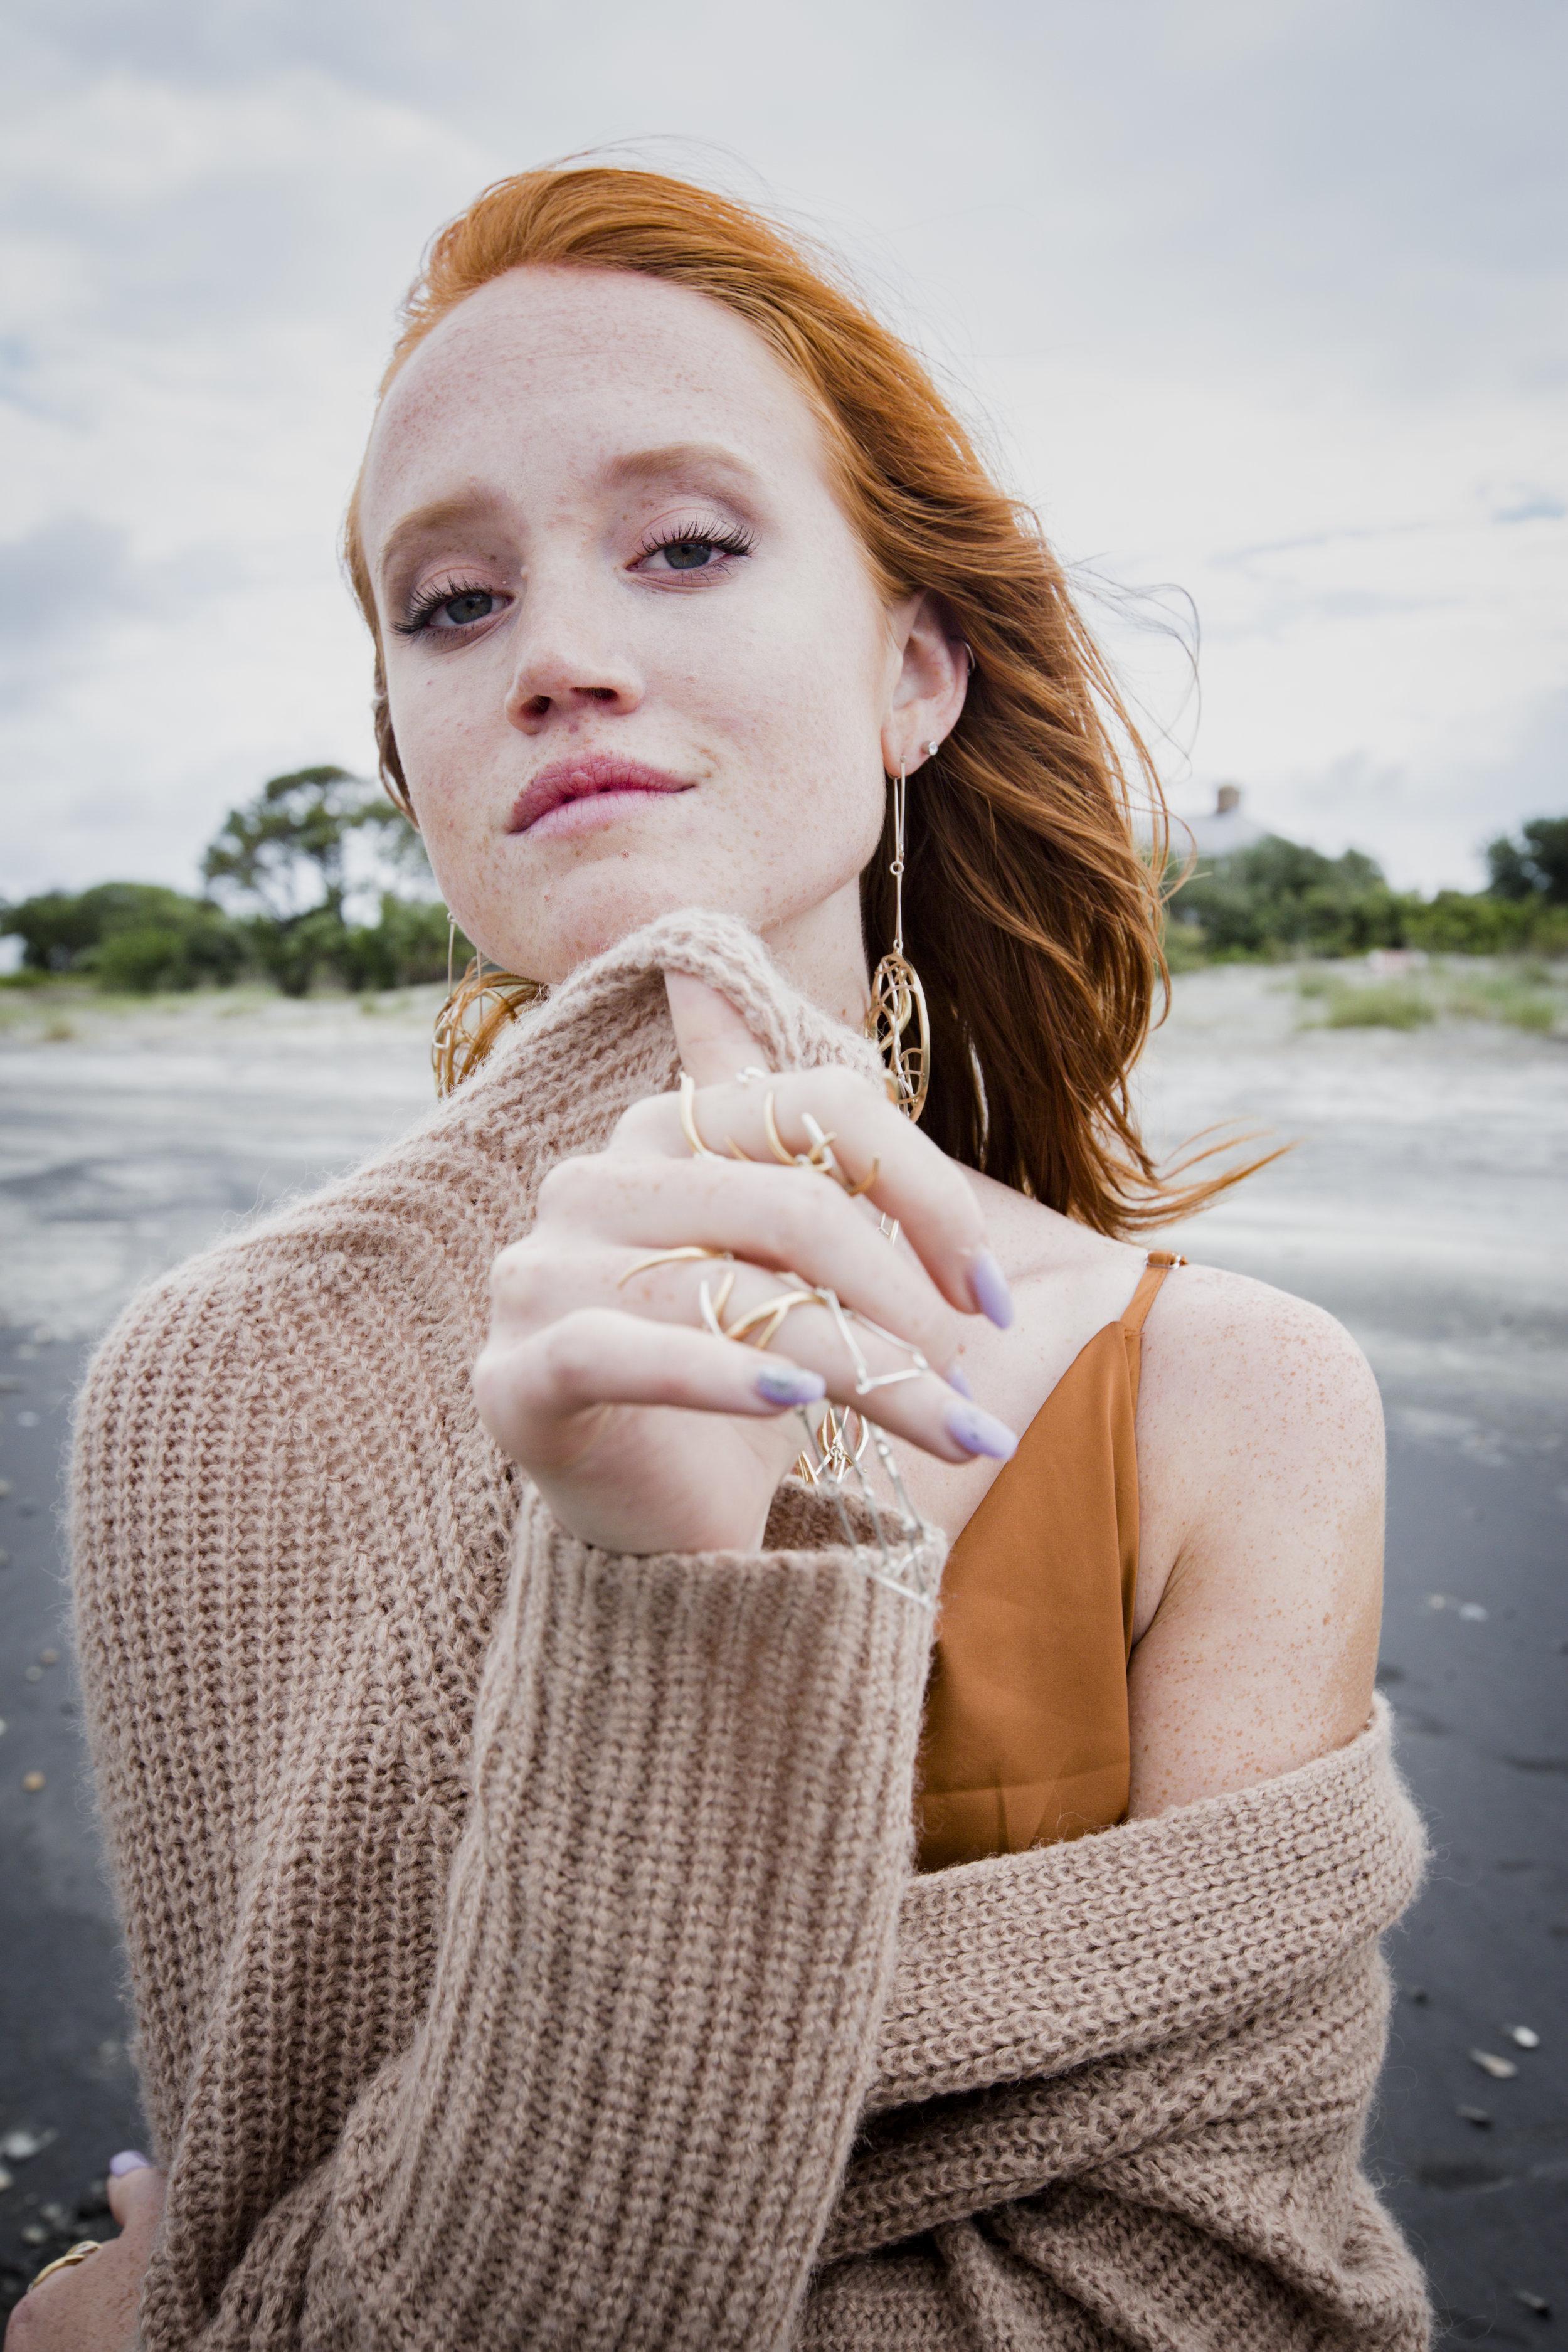 Swanson_Sarah_Jewelry Editorial